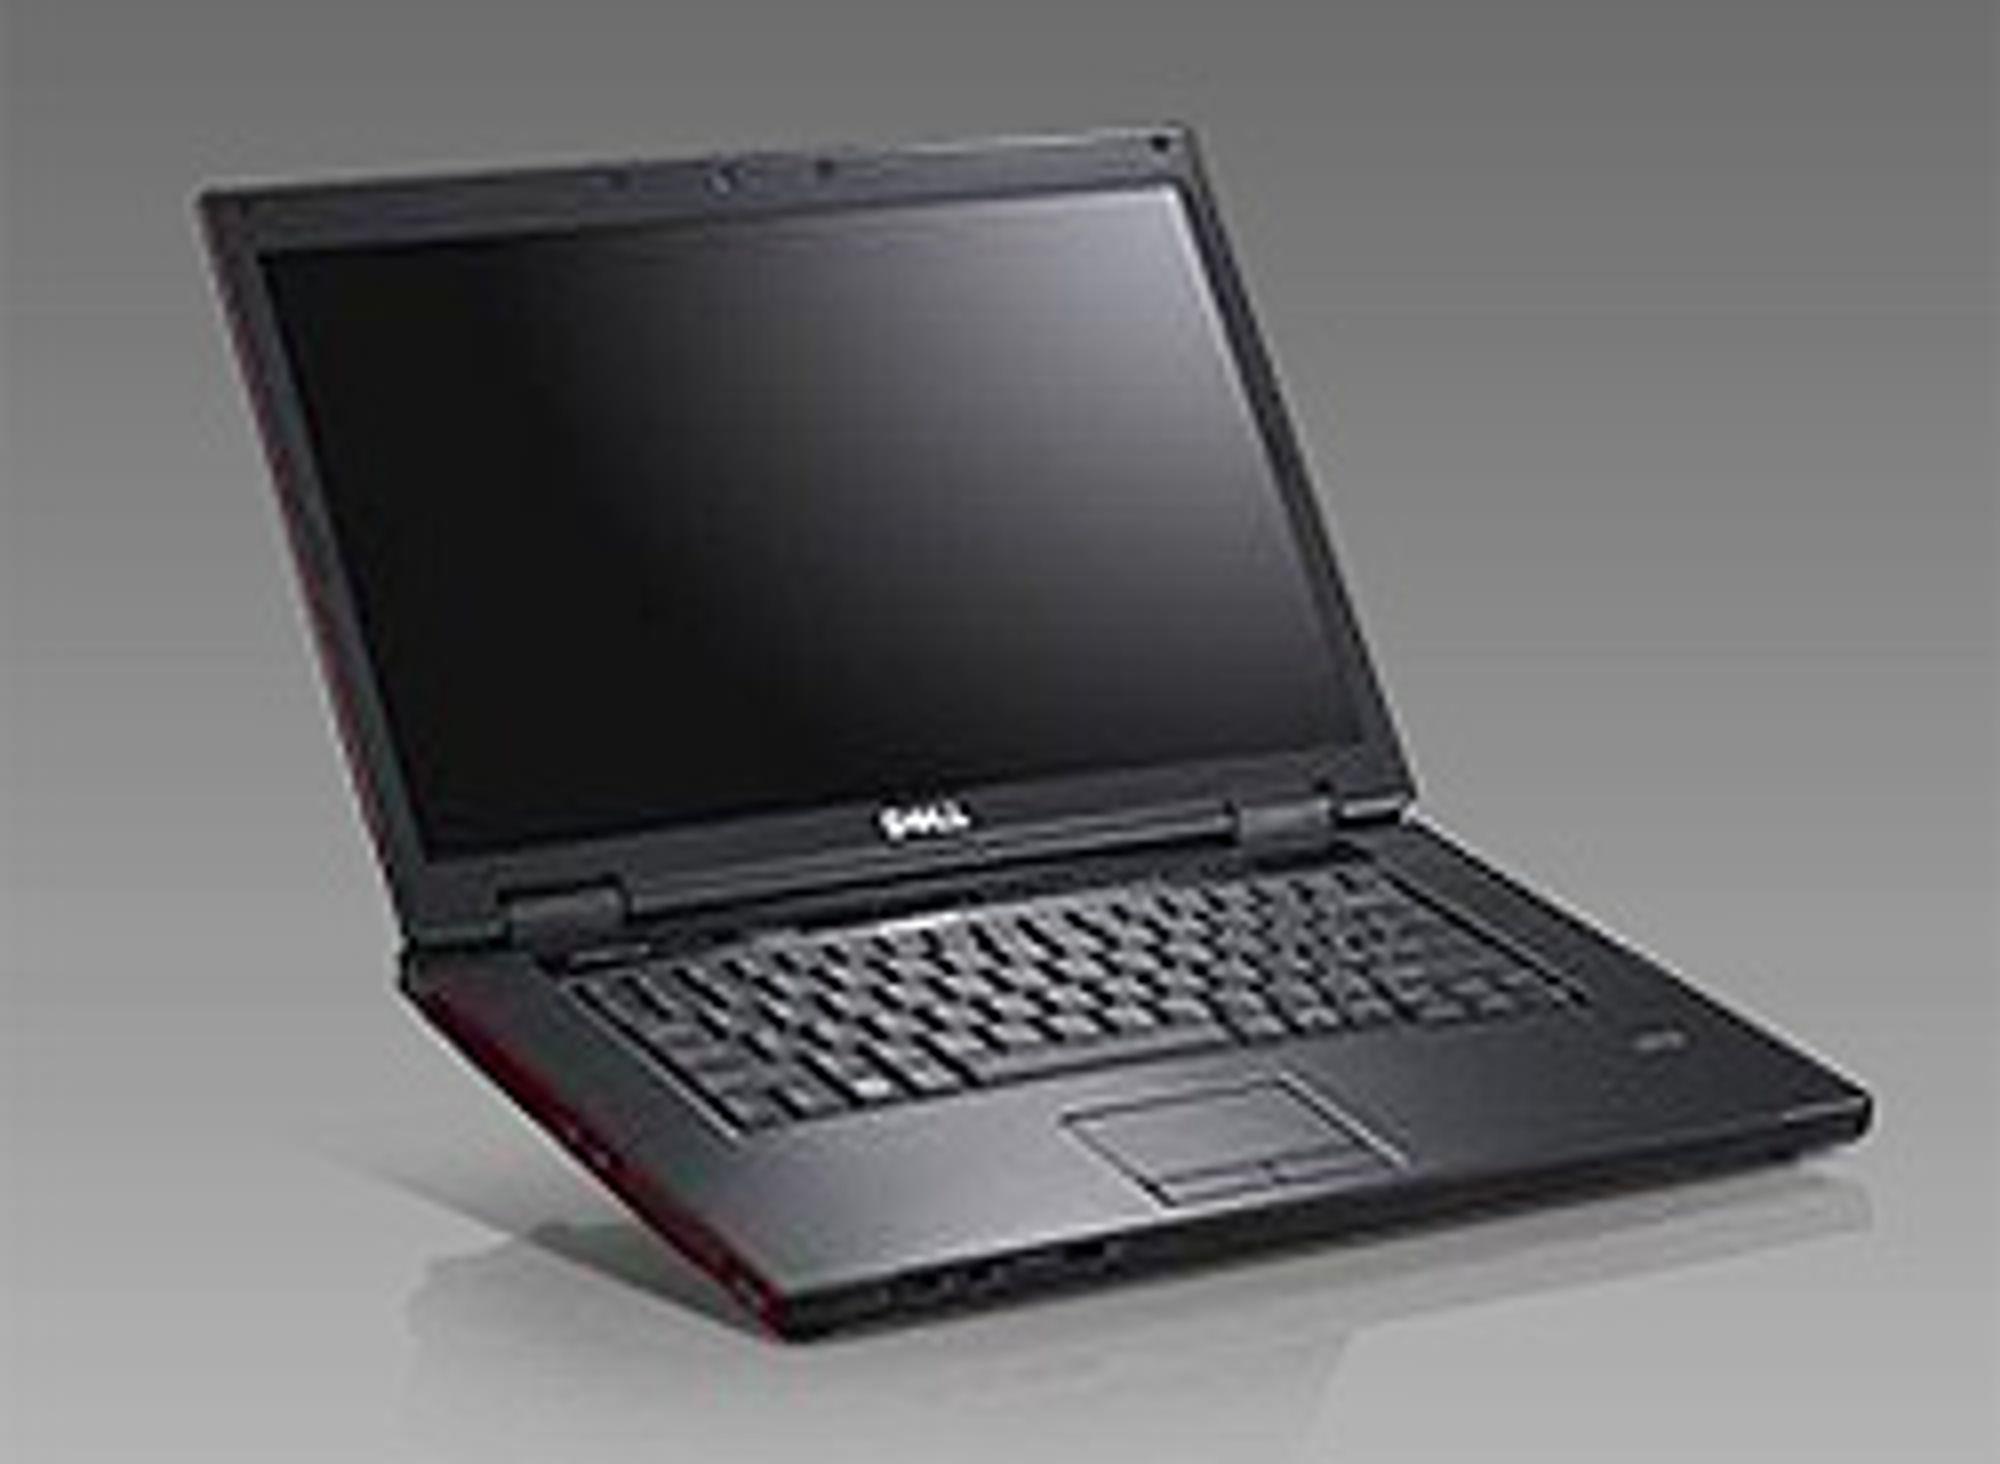 Dells nye Vostro 2150. (Foto: Dell)